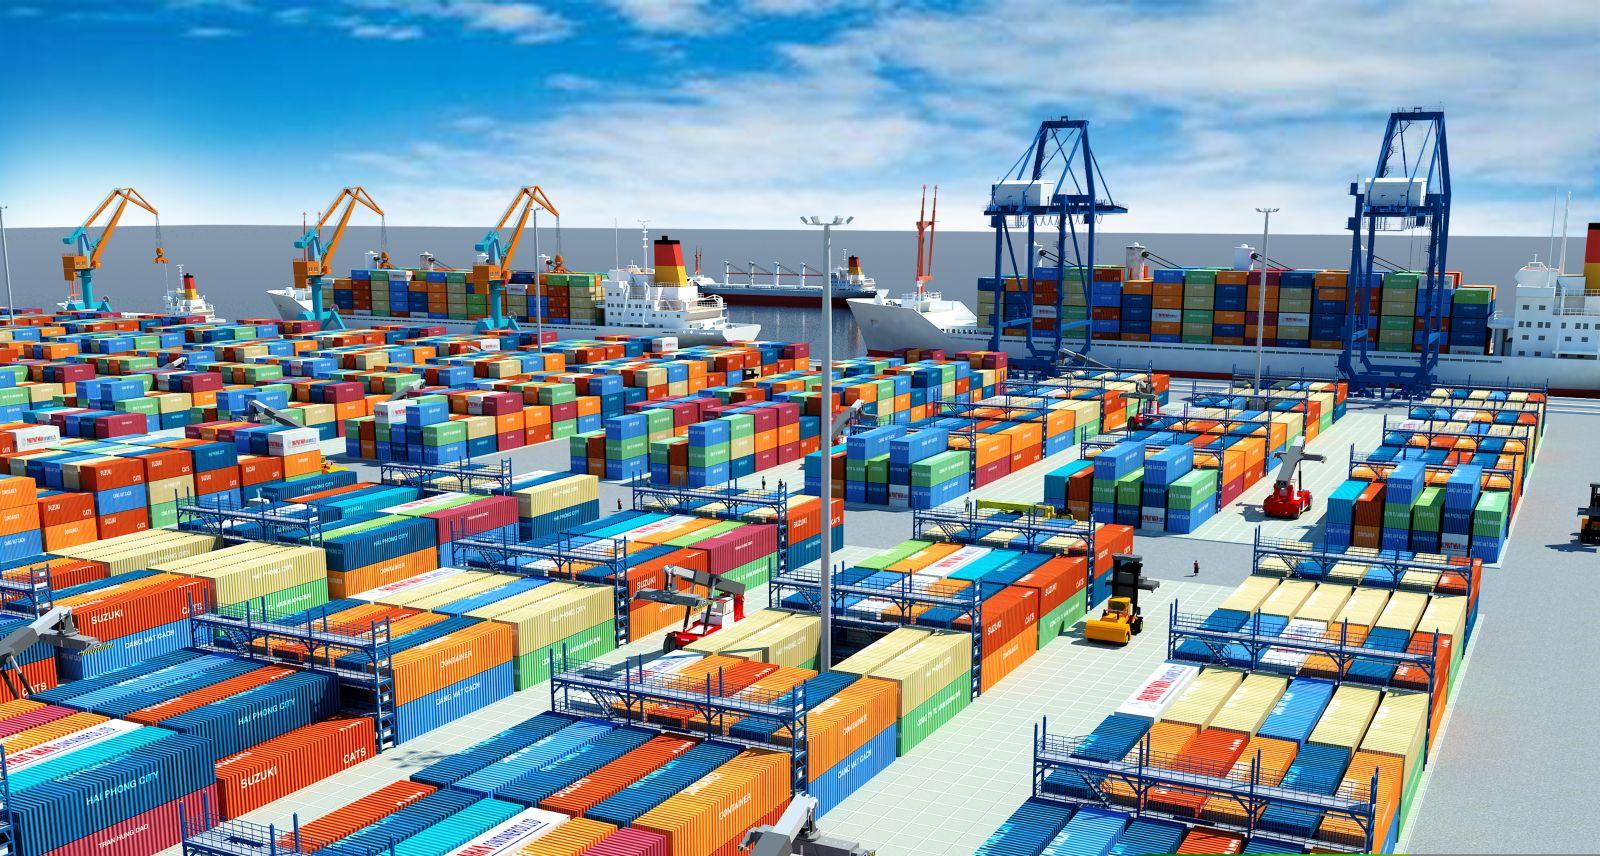 Xuất khẩu của Việt Nam vẫn tăng mạnh trong nửa đầu năm 2020, trong hoàn cảnh khó khăn vì Covid-19. Ảnh: VGP News.